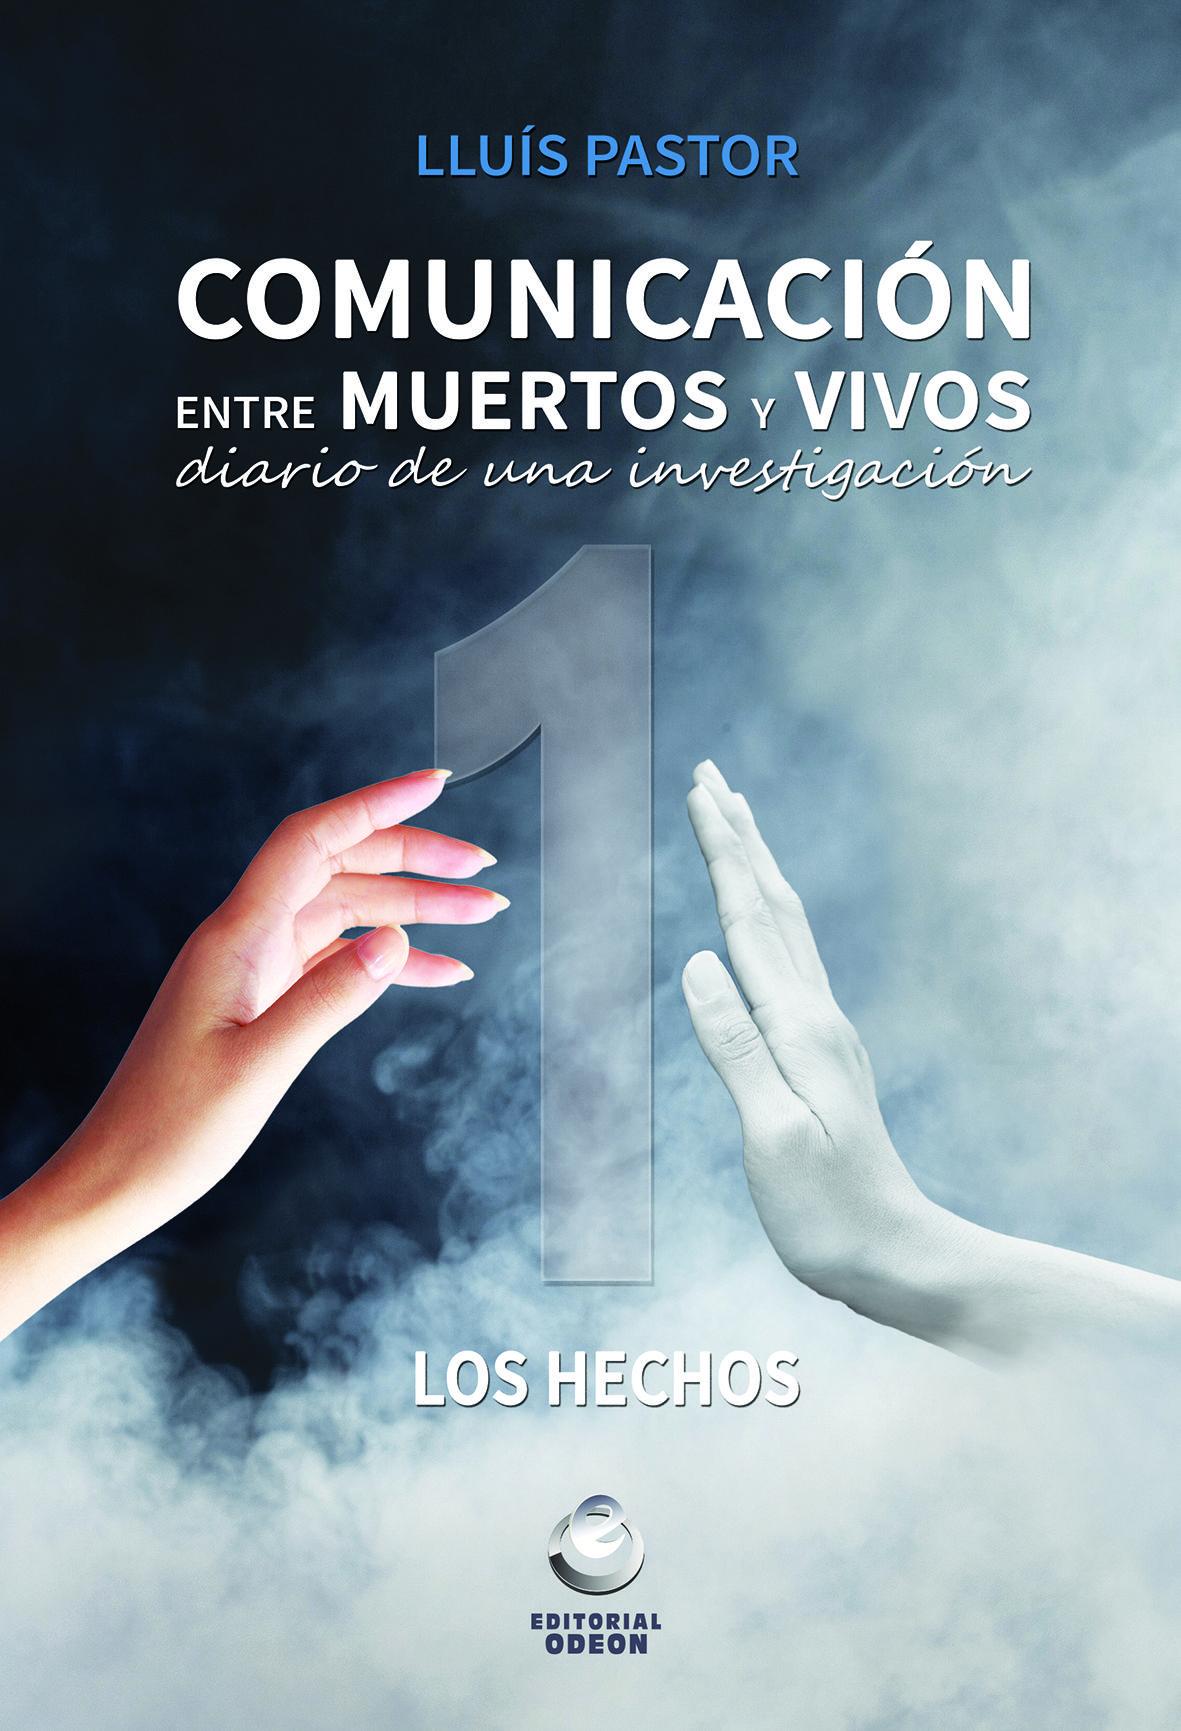 COMUNICACION ENTRE MUERTO Y VIVOS 1